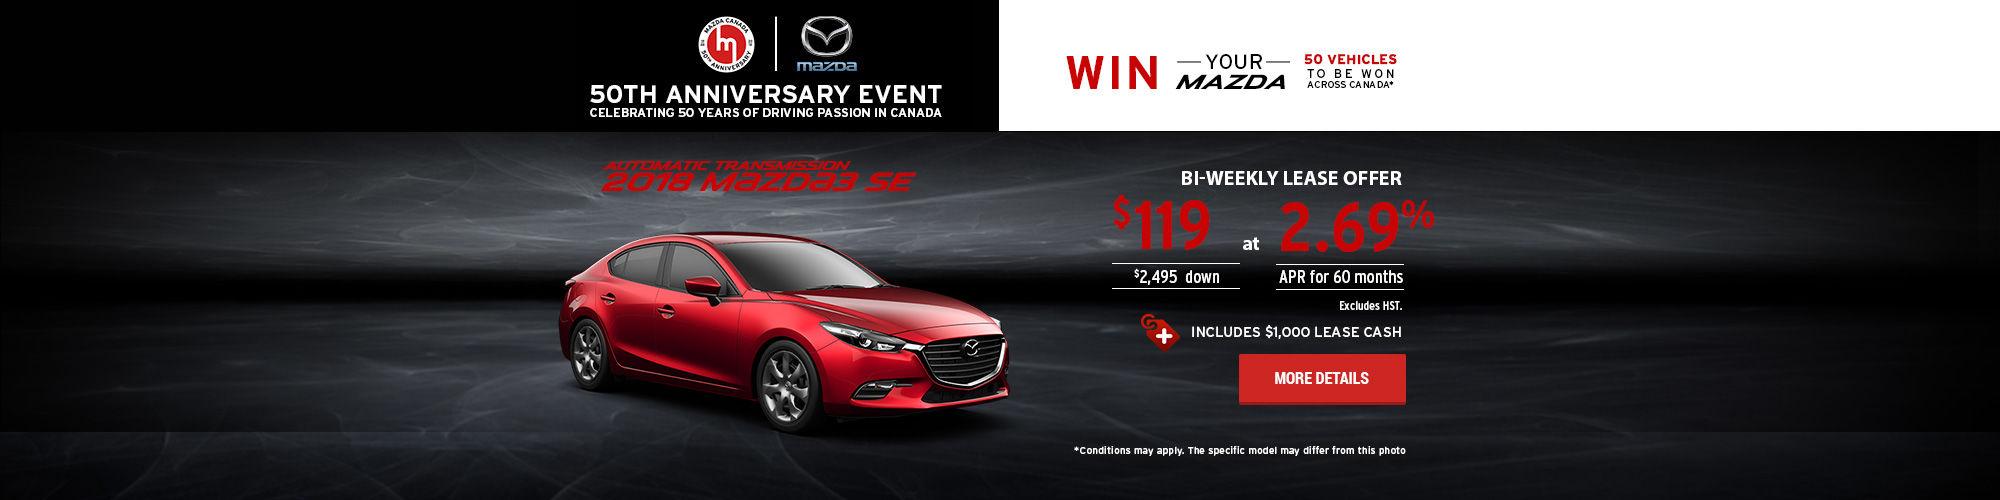 2018 Mazda3)